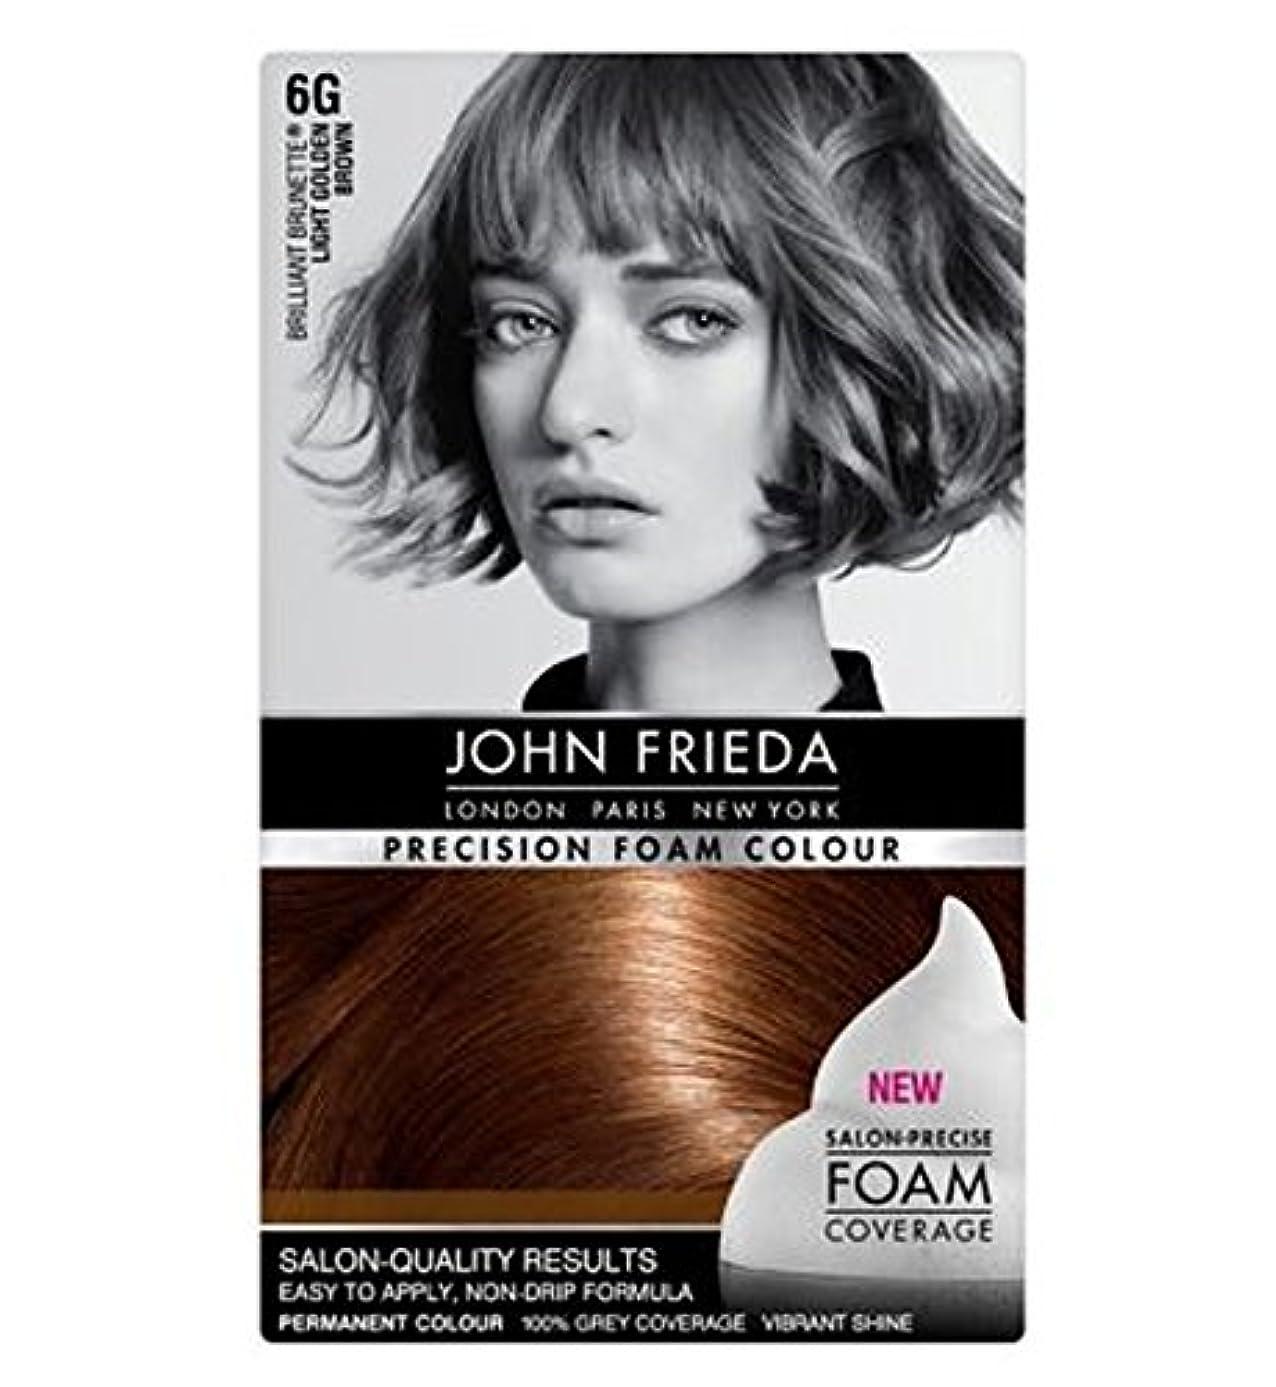 シロナガスクジラ優遇割れ目ジョン?フリーダ精密泡カラー6グラムライトゴールデンブラウン (John Frieda) (x2) - John Frieda Precision Foam Colour 6G Light Golden Brown (Pack of 2) [並行輸入品]